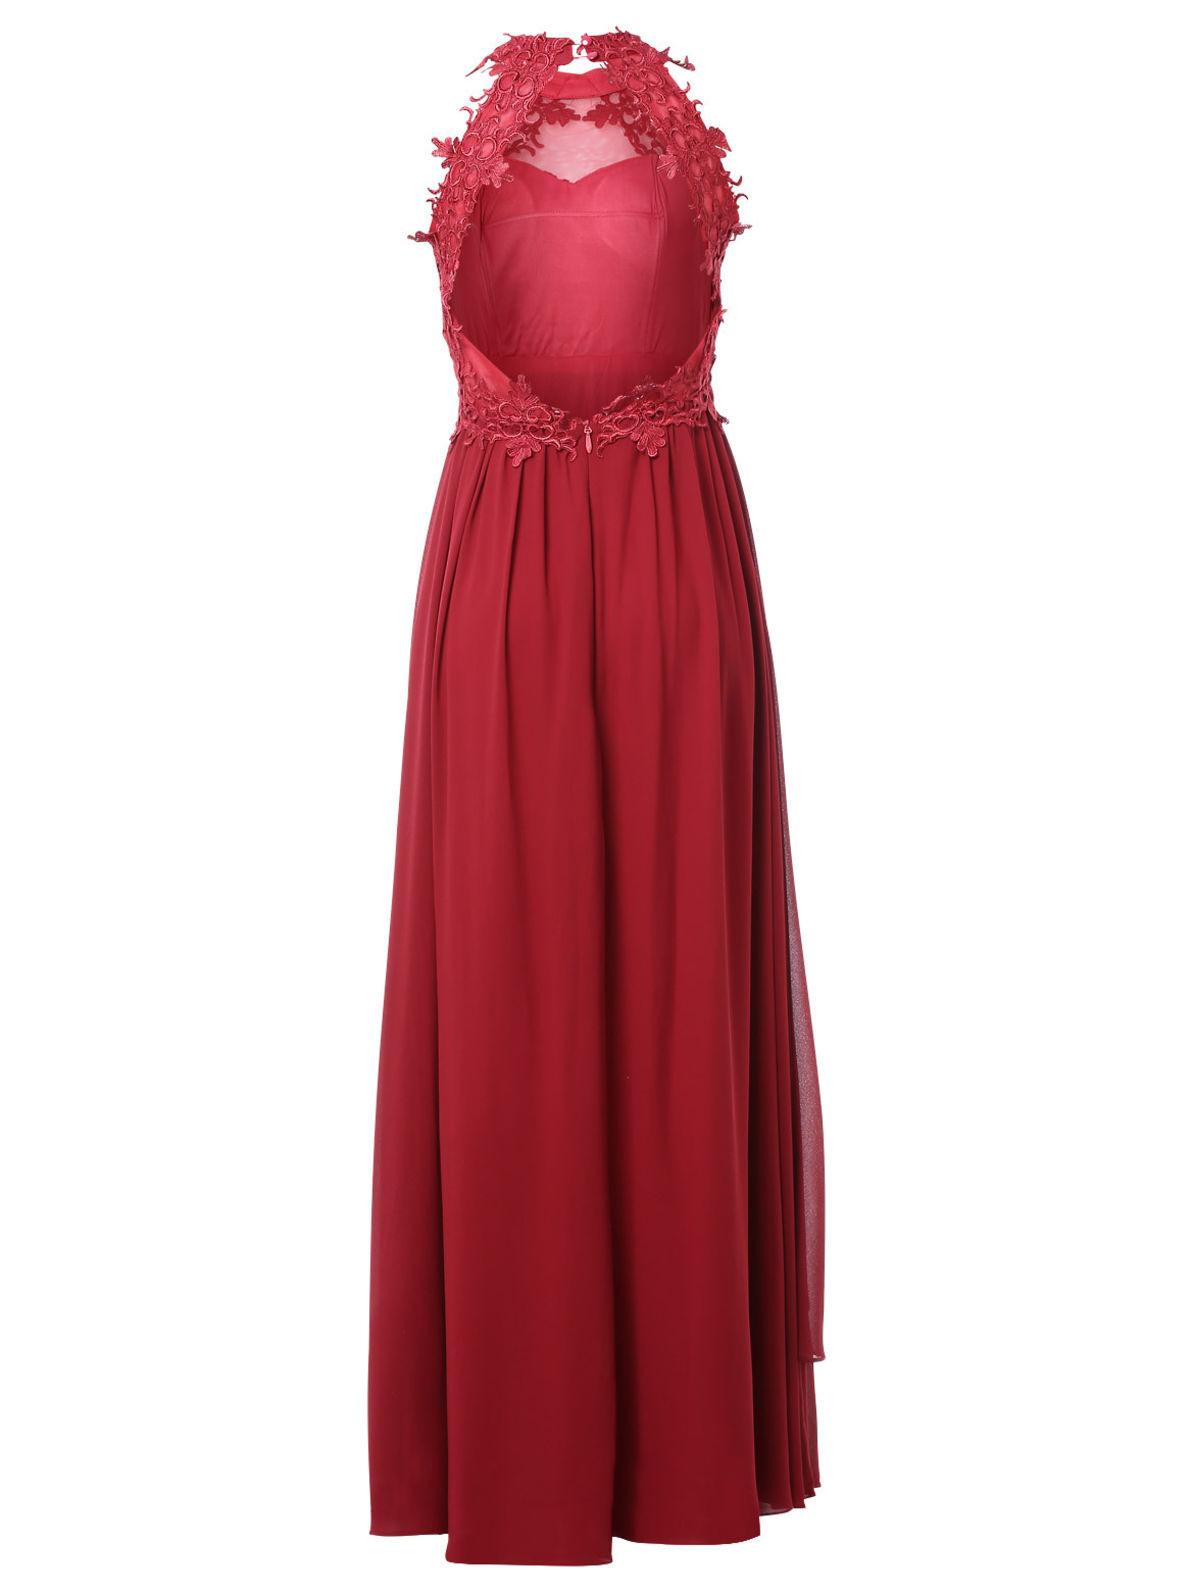 20 Einfach Apart Abend Kleid Boutique17 Einzigartig Apart Abend Kleid Ärmel